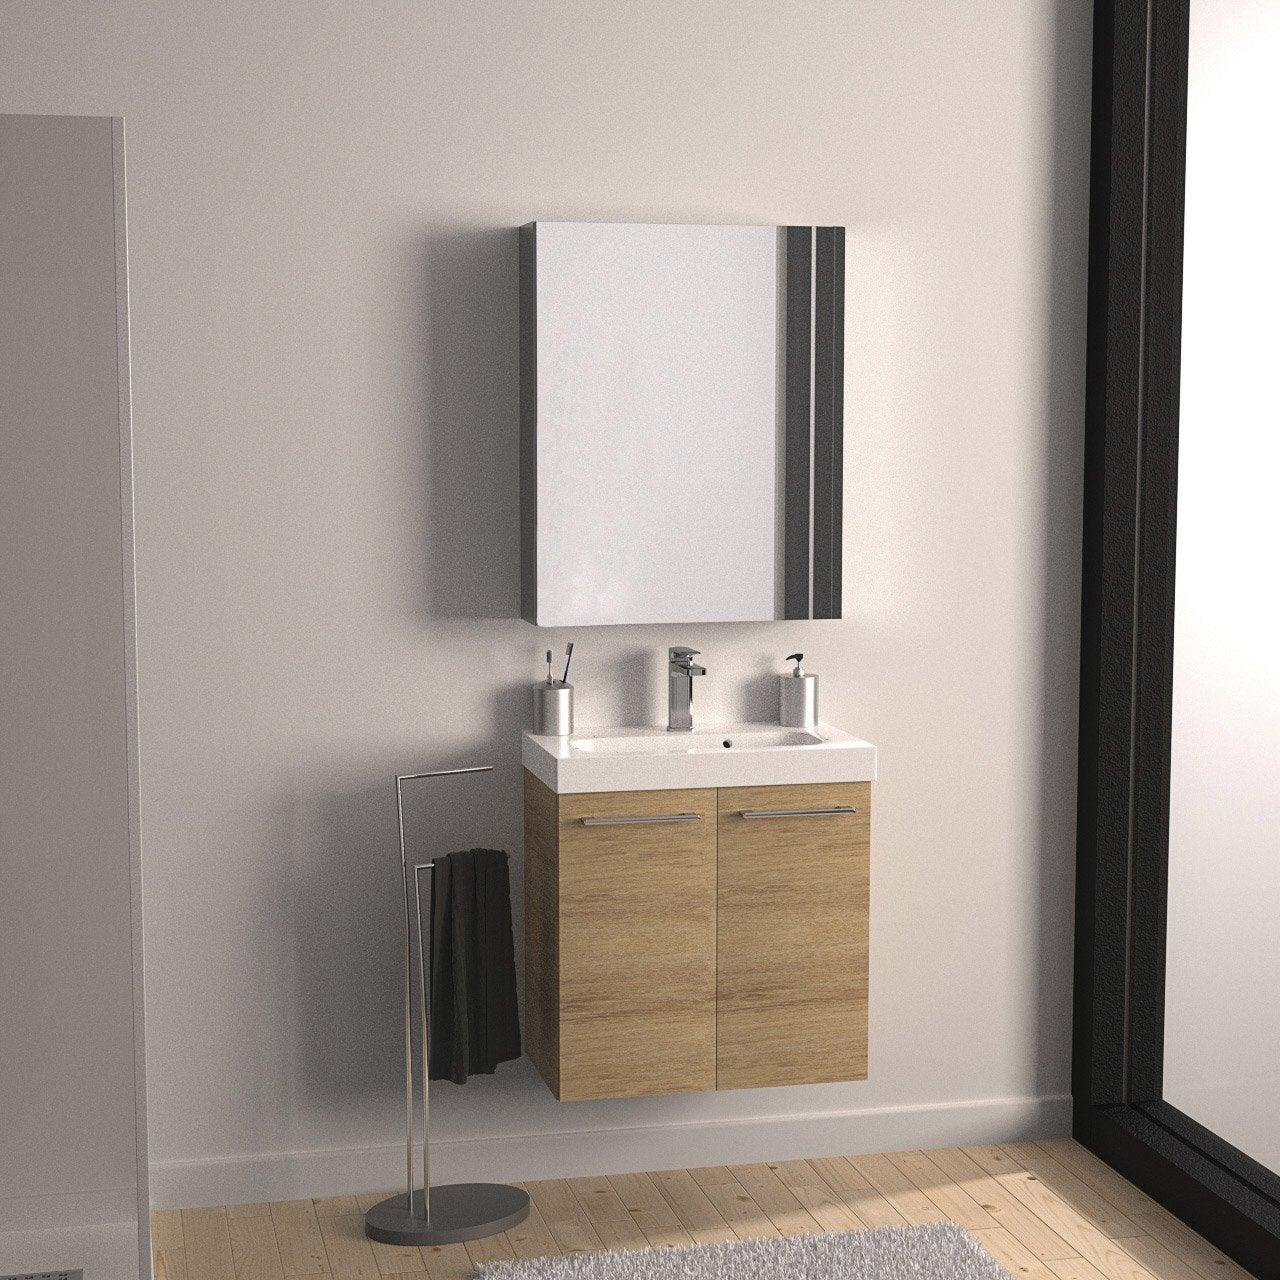 Pose de meuble de salle de bains pr mont largeur max 90 D2co salle de bain